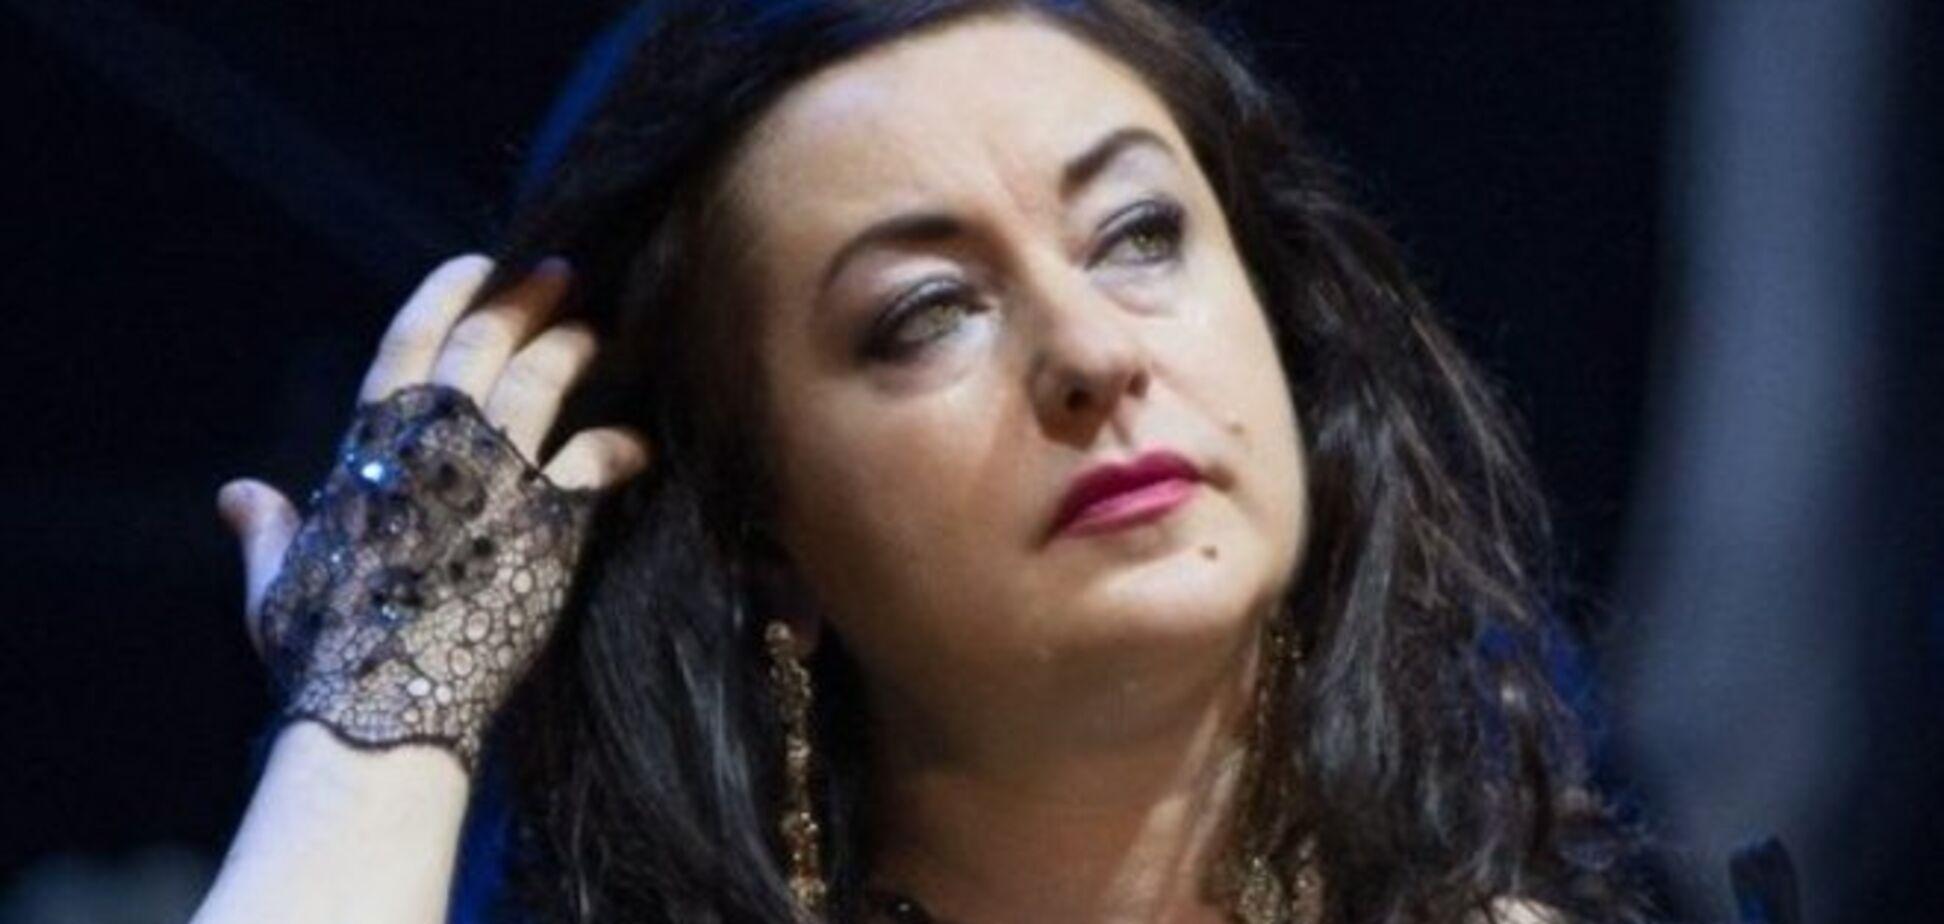 В Грузии заклеймили позором Гвердцители, которая исполнила песню 'моя Россия'